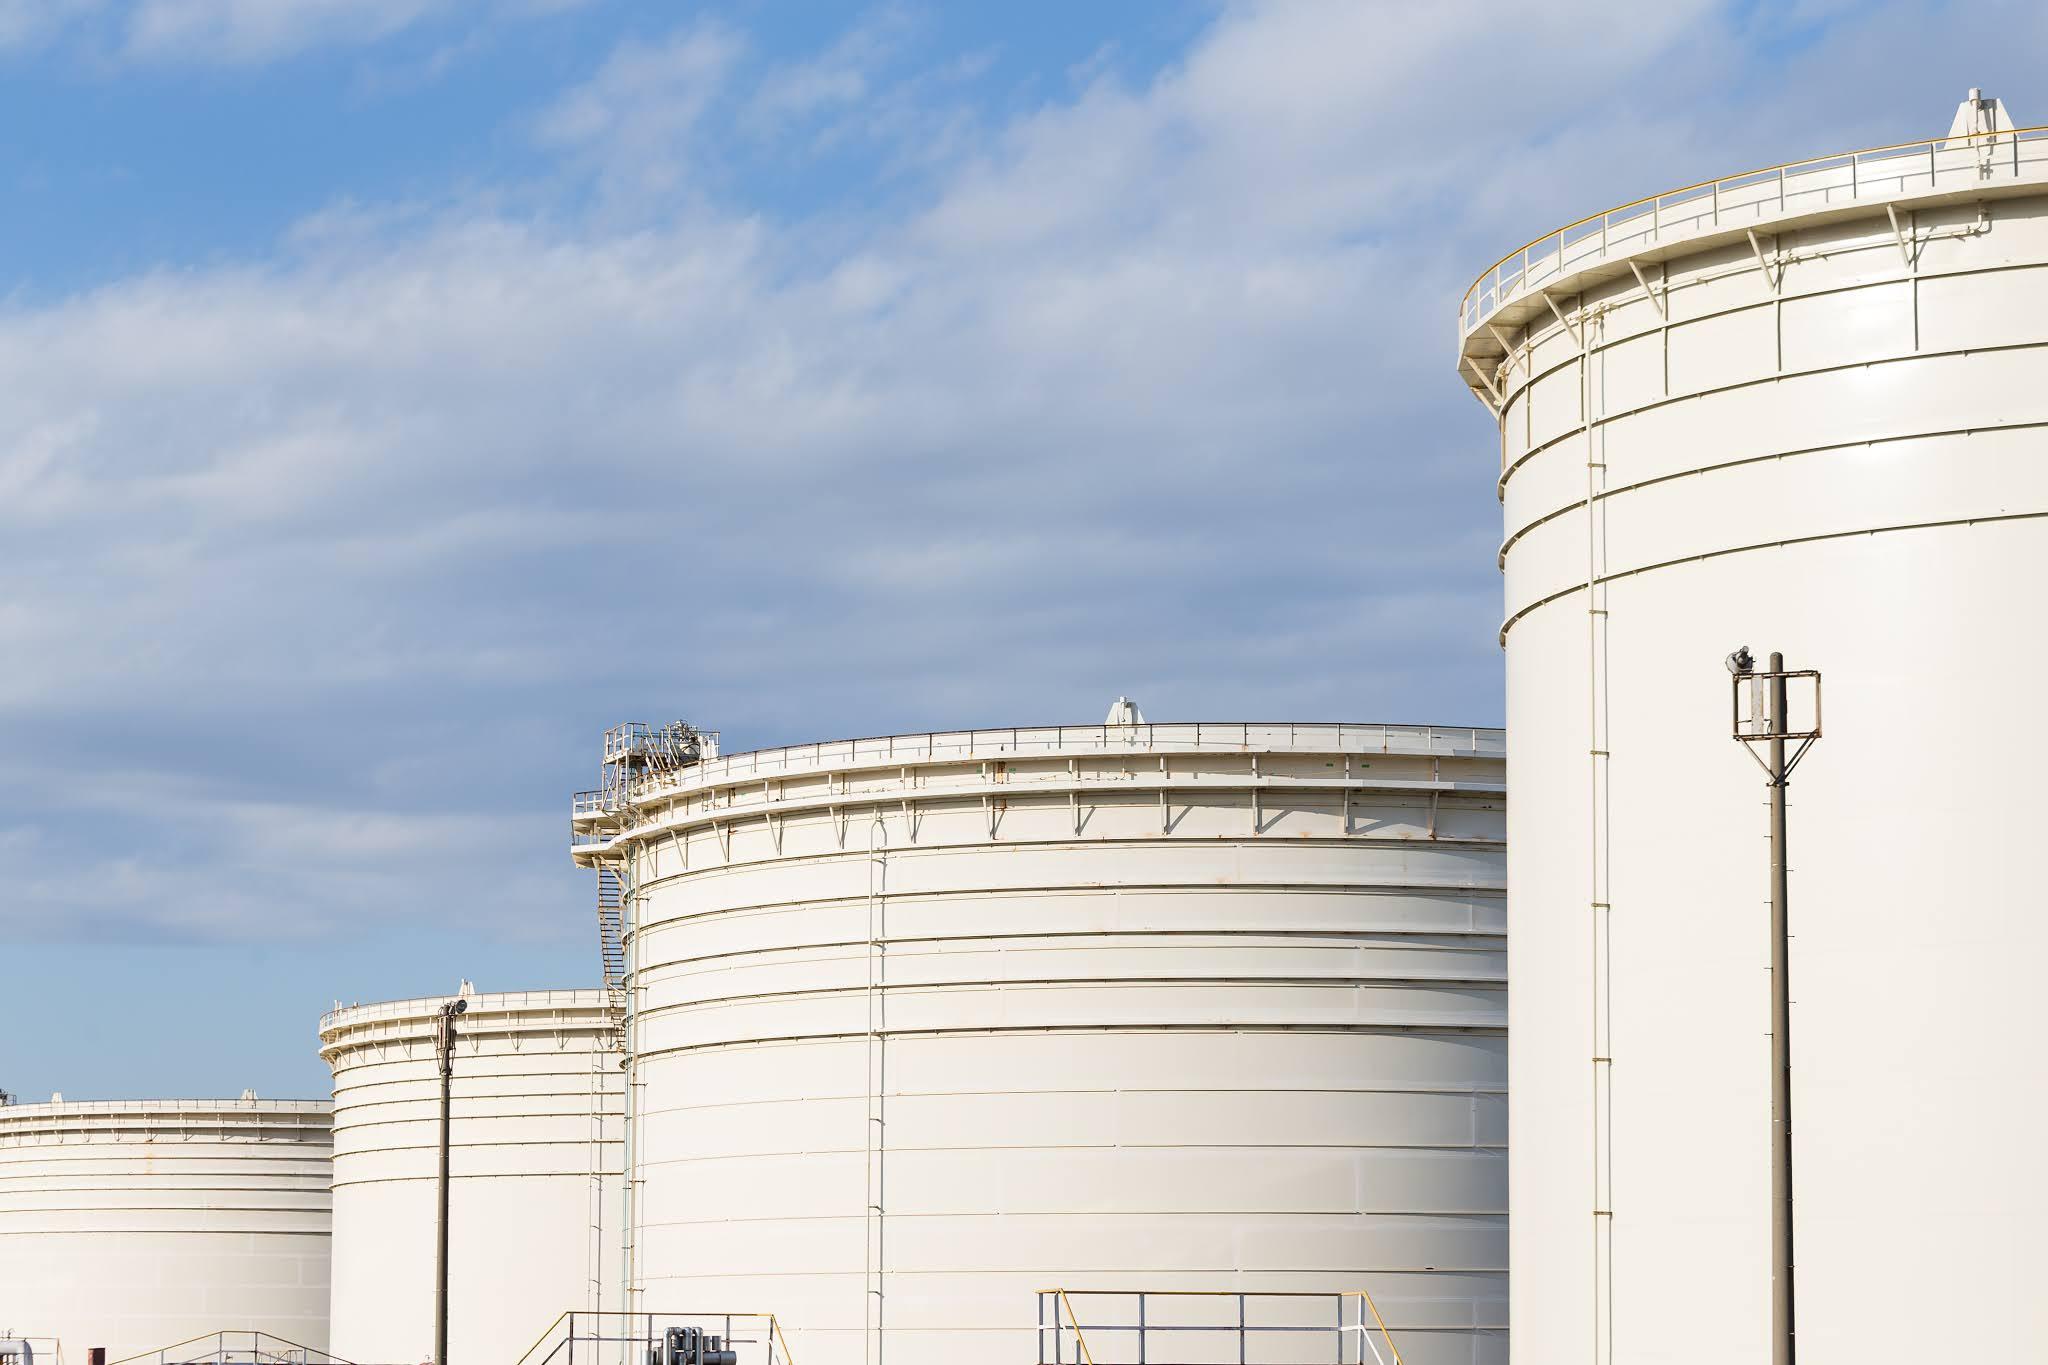 معادن توقع اتفاقية لشراء الفحم البترولي  petroleum  المكلس لتعزيز الإنتاج المحلي السعودي